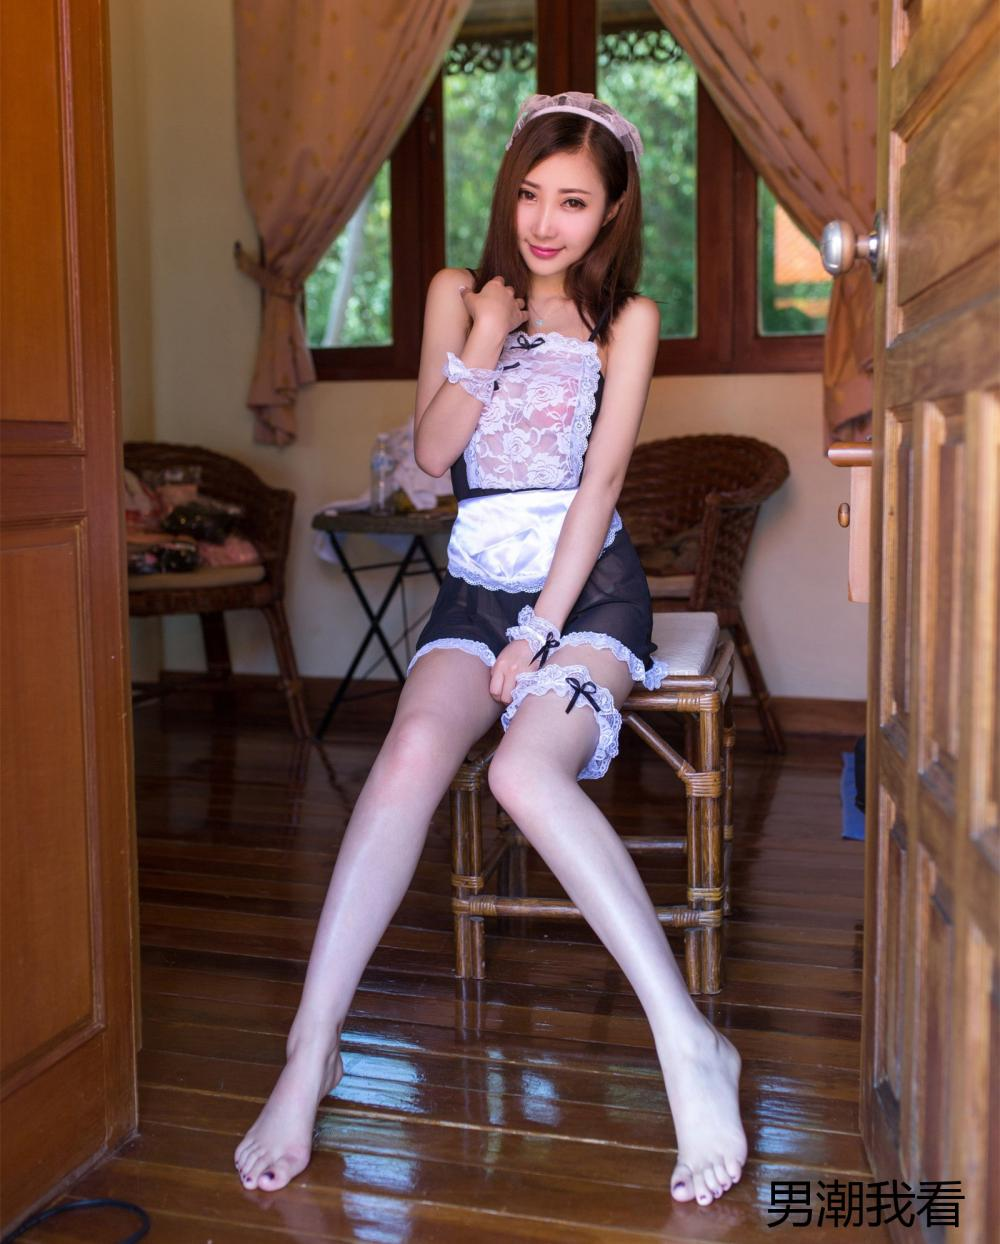 漂亮的黑白蕾丝连衣裙也比不上美女的妖娆身姿那么吸引眼球 4